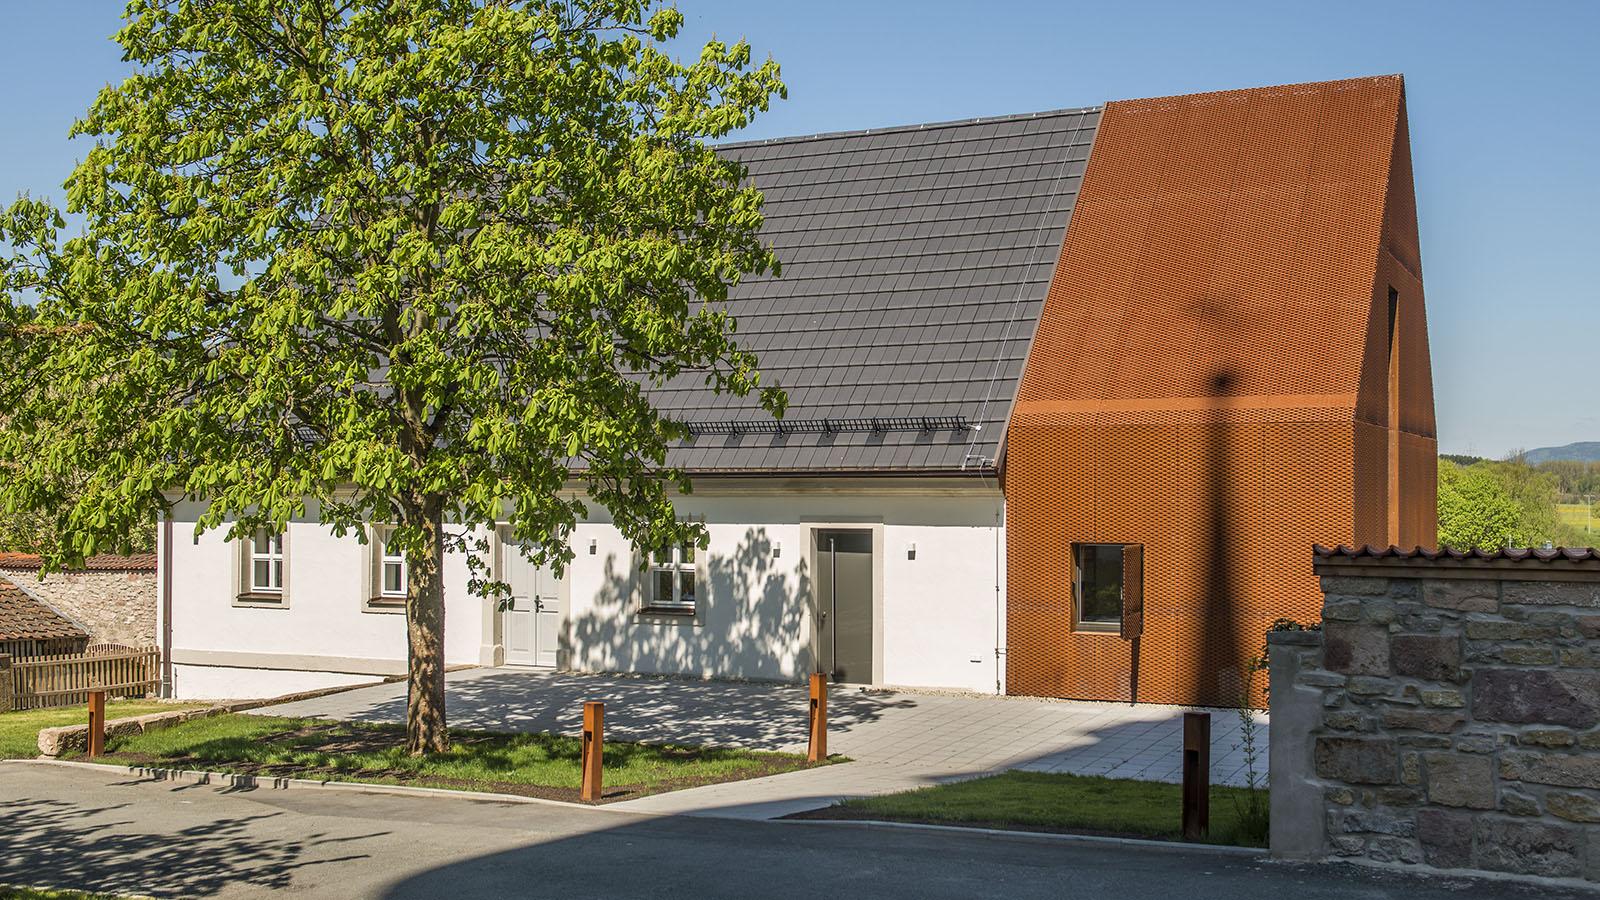 ev. Kantorei Untersteinach, H2M Architekten, Kulmbach